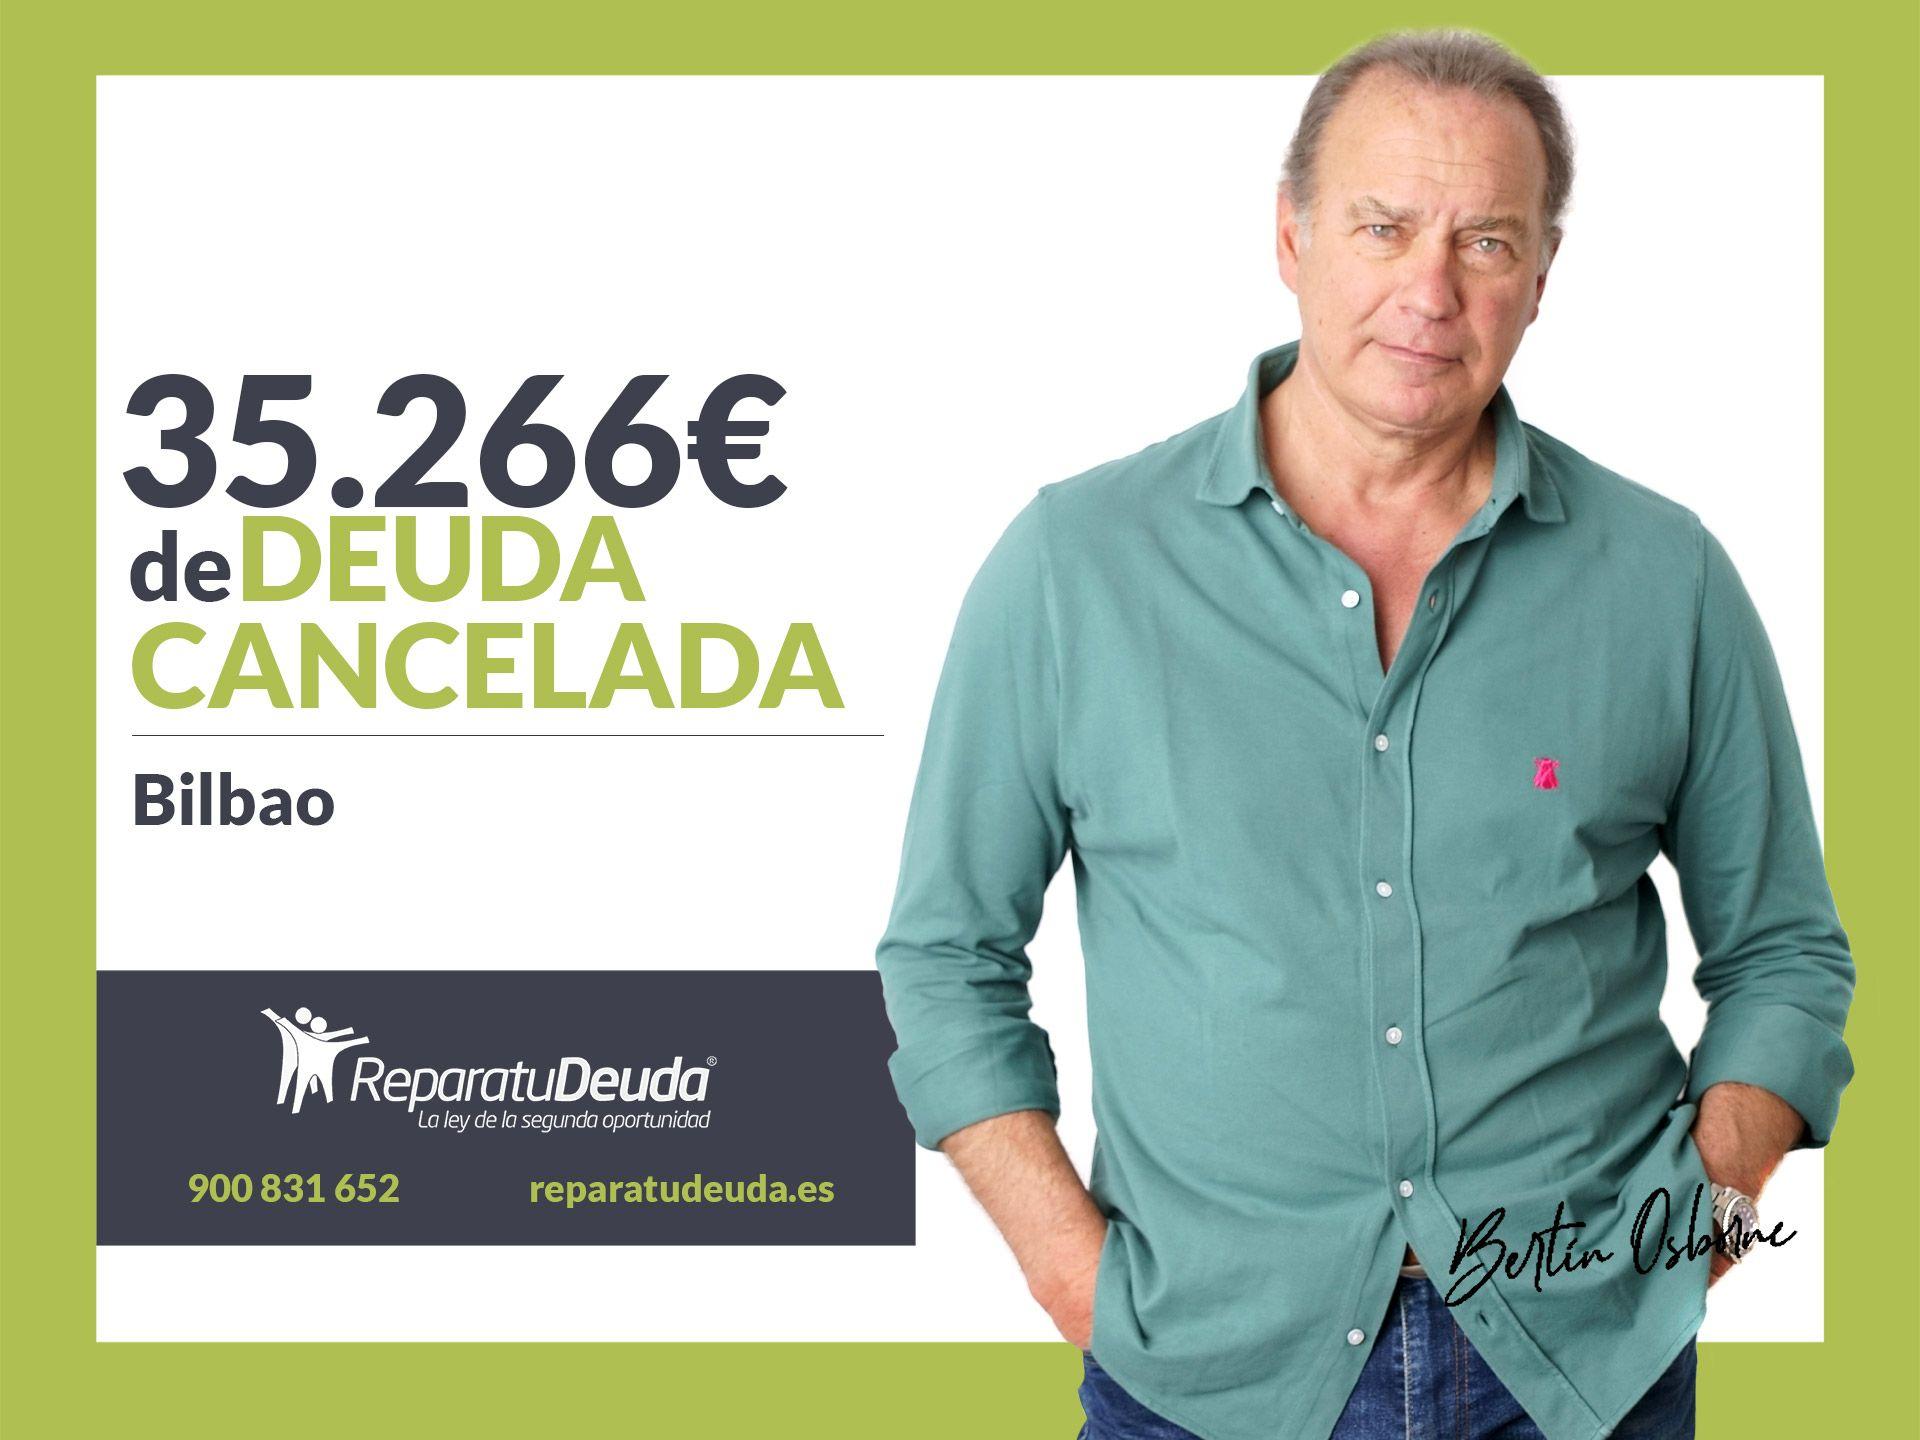 Repara tu Deuda Abogados cancela 35.266? en Bilbao (Vizcaya) con la Ley de la Segunda Oportunidad